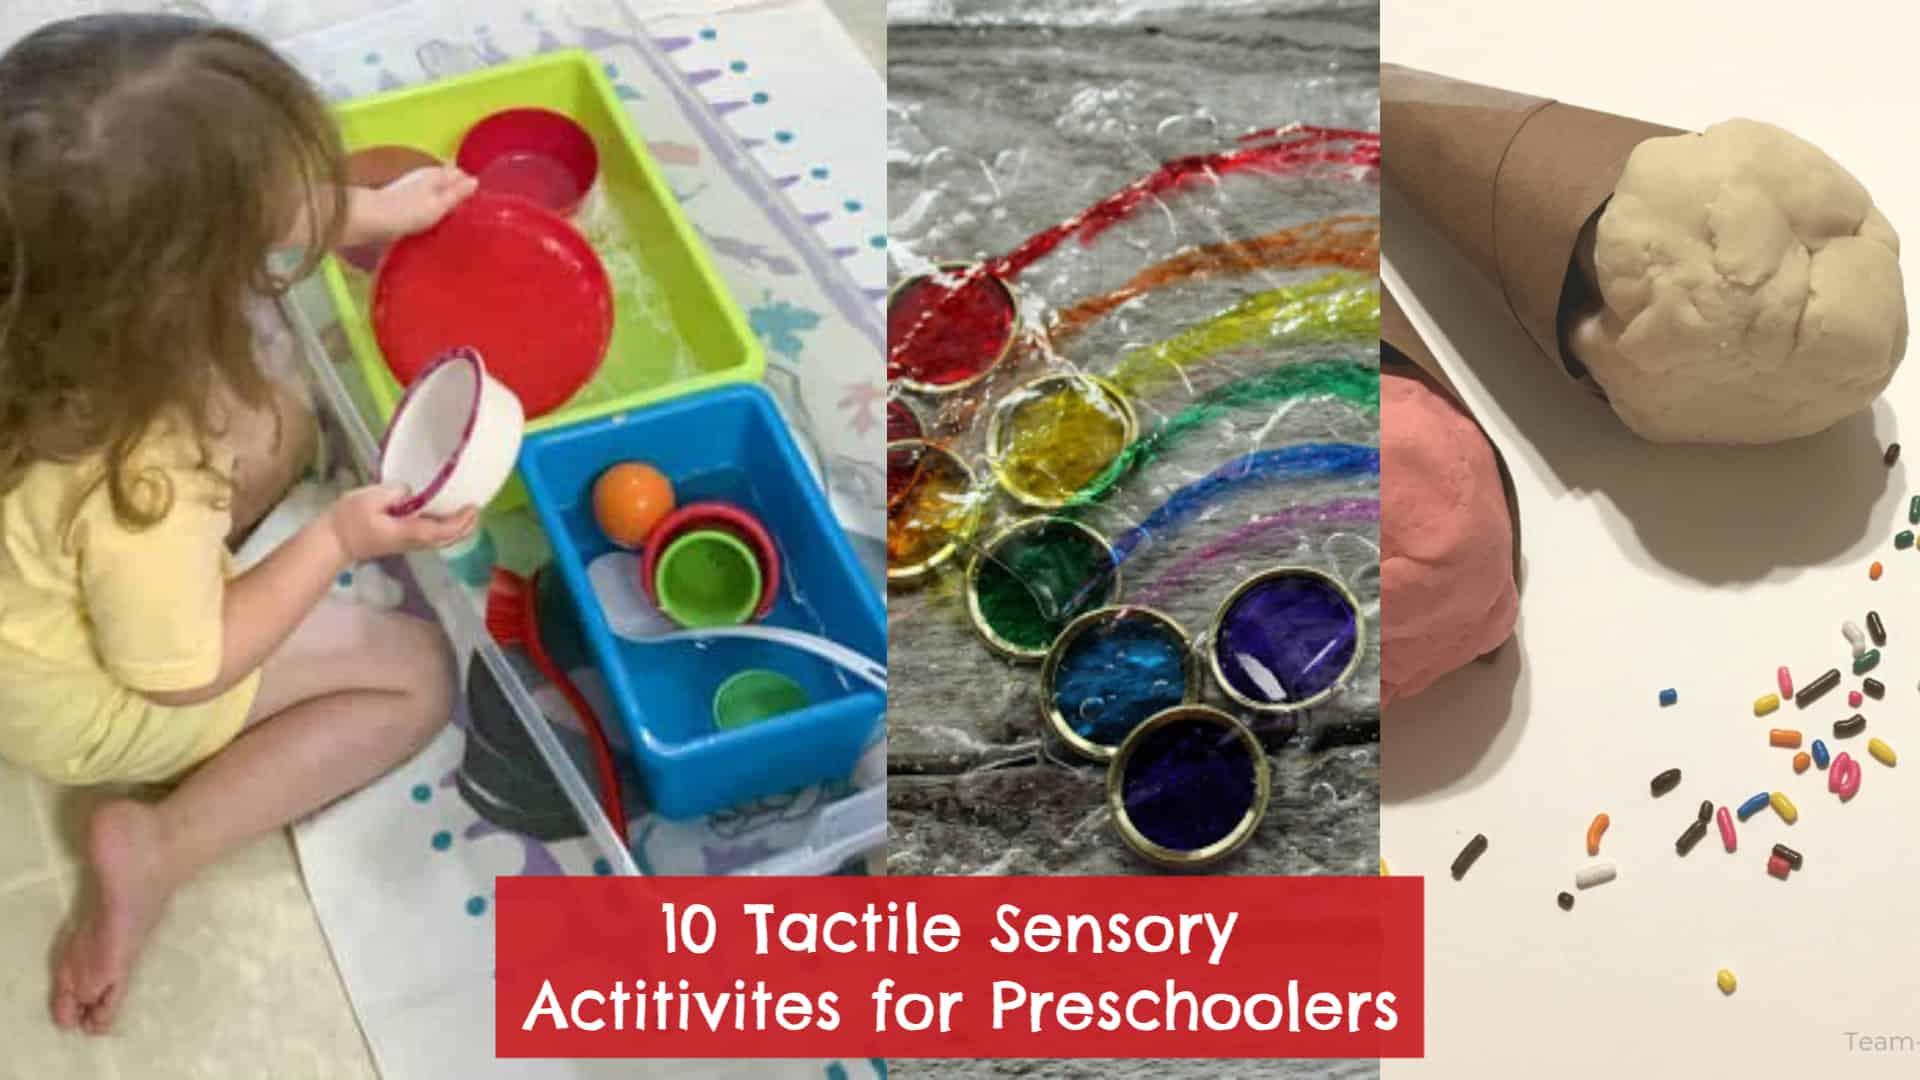 10 Easy Sensory Activities for Preschoolers: Bins, Bottles, and Playdough